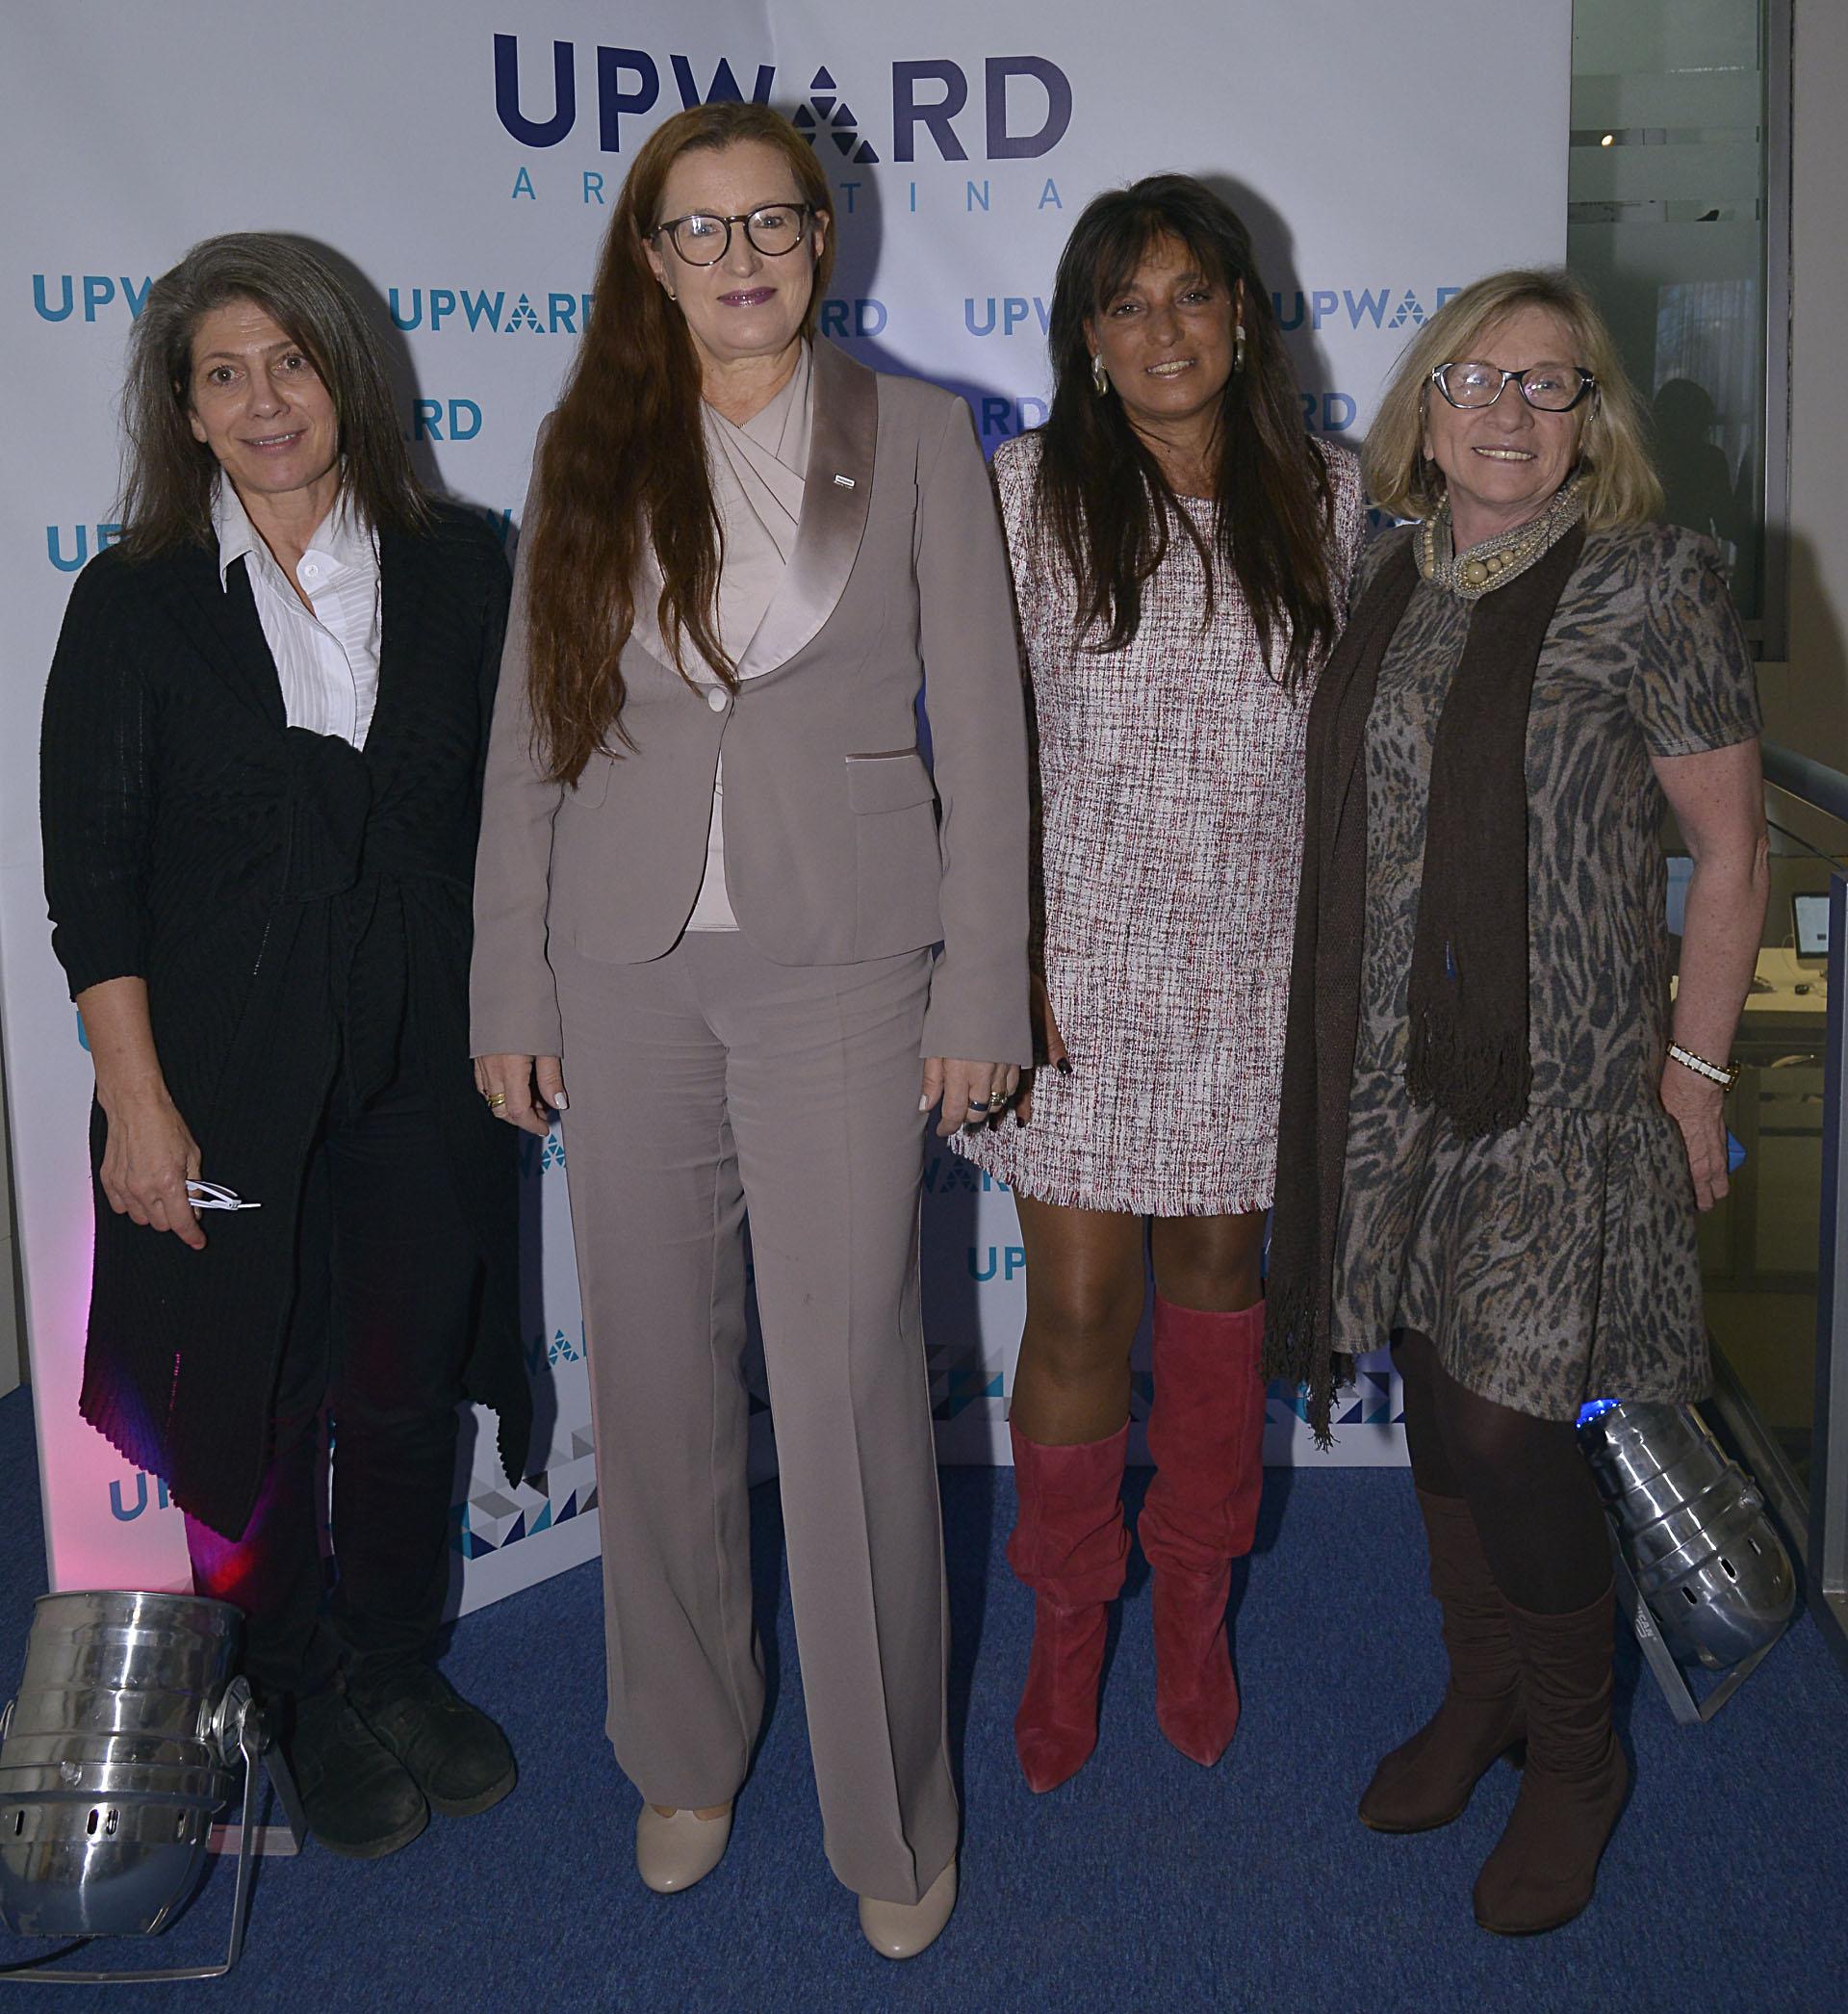 Martine de Kent (Embajada Británica y esposa del embajador Mark Kent) junto a la oradora Pia Pakarinen (Vice Alcaldesa de Educación de Helsinski), Viviana Zocco y Graciela Adan